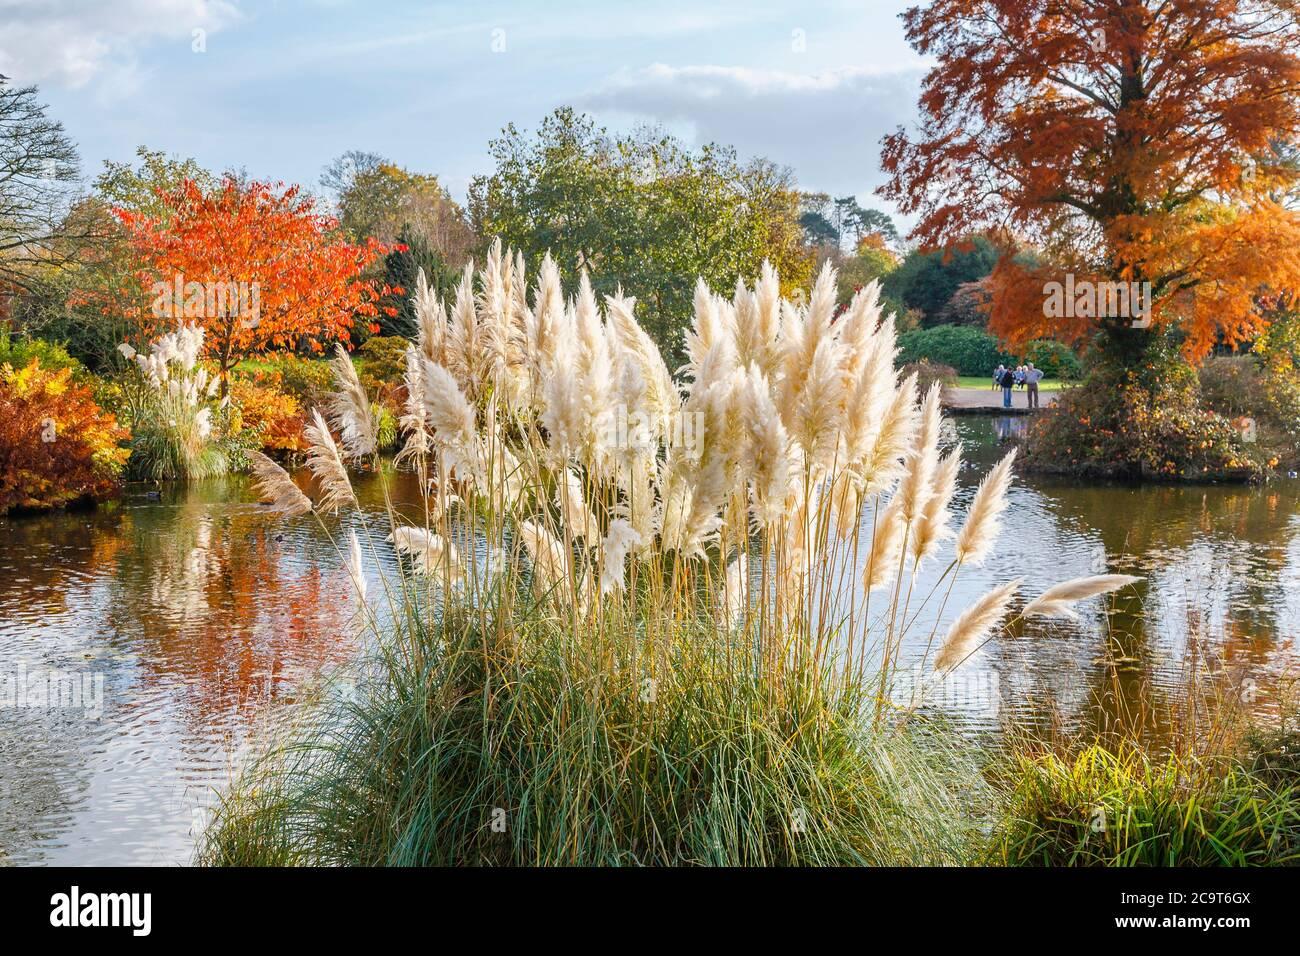 Ornamentales (hierba de la pampa Cortaderia selloana) por parte del estanque en Wakehurst Place, Ardingly, West Sussex, Reino Unido, con árboles en colores de otoño Foto de stock